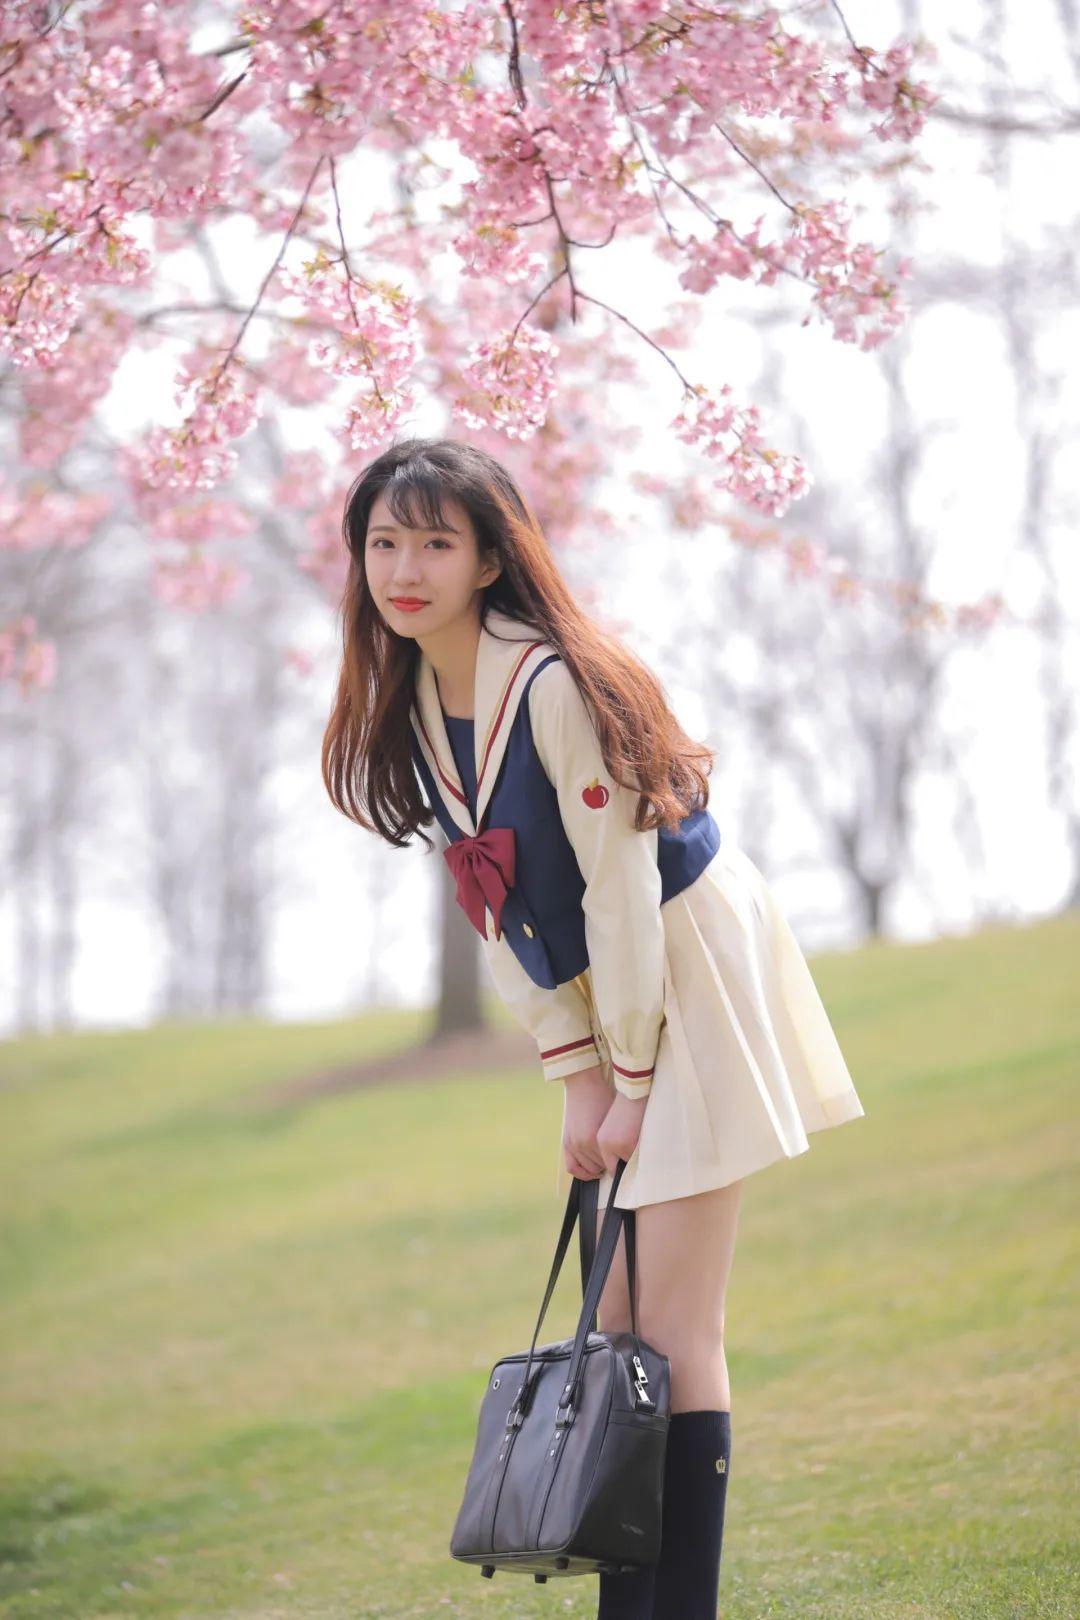 妹子摄影 – 粉粉的日系少女樱花树下写真_图片 No.17